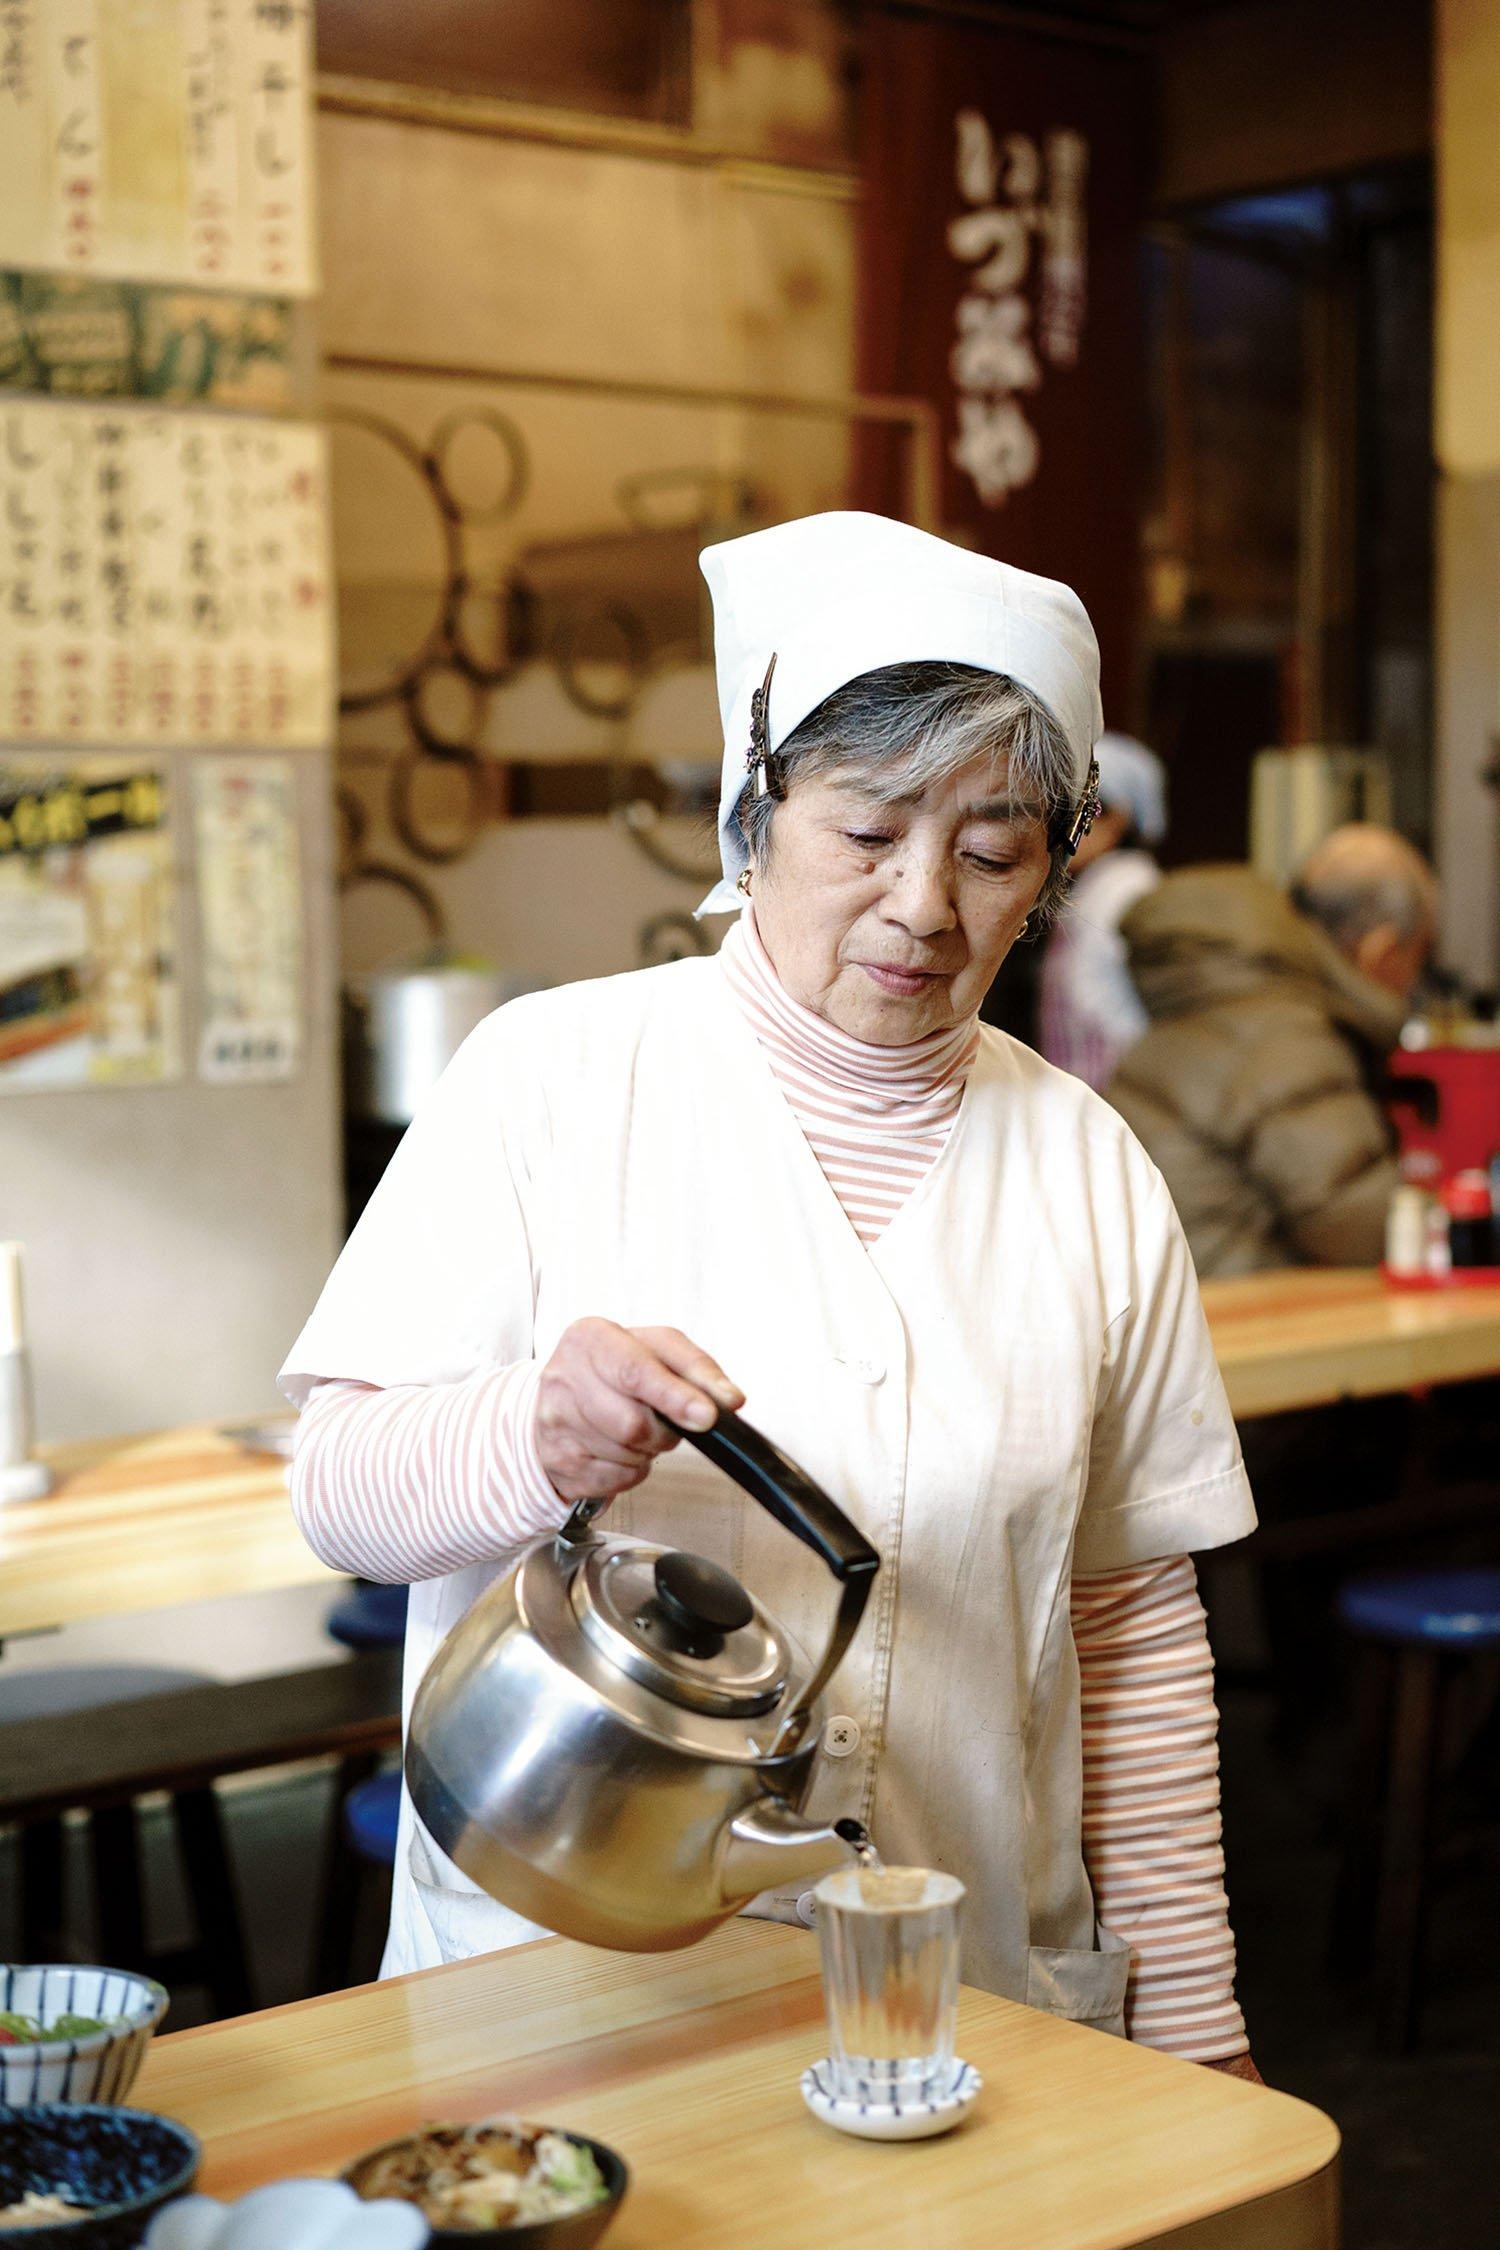 熱燗は古参の店員さんがやかんから直接注いでくれる。